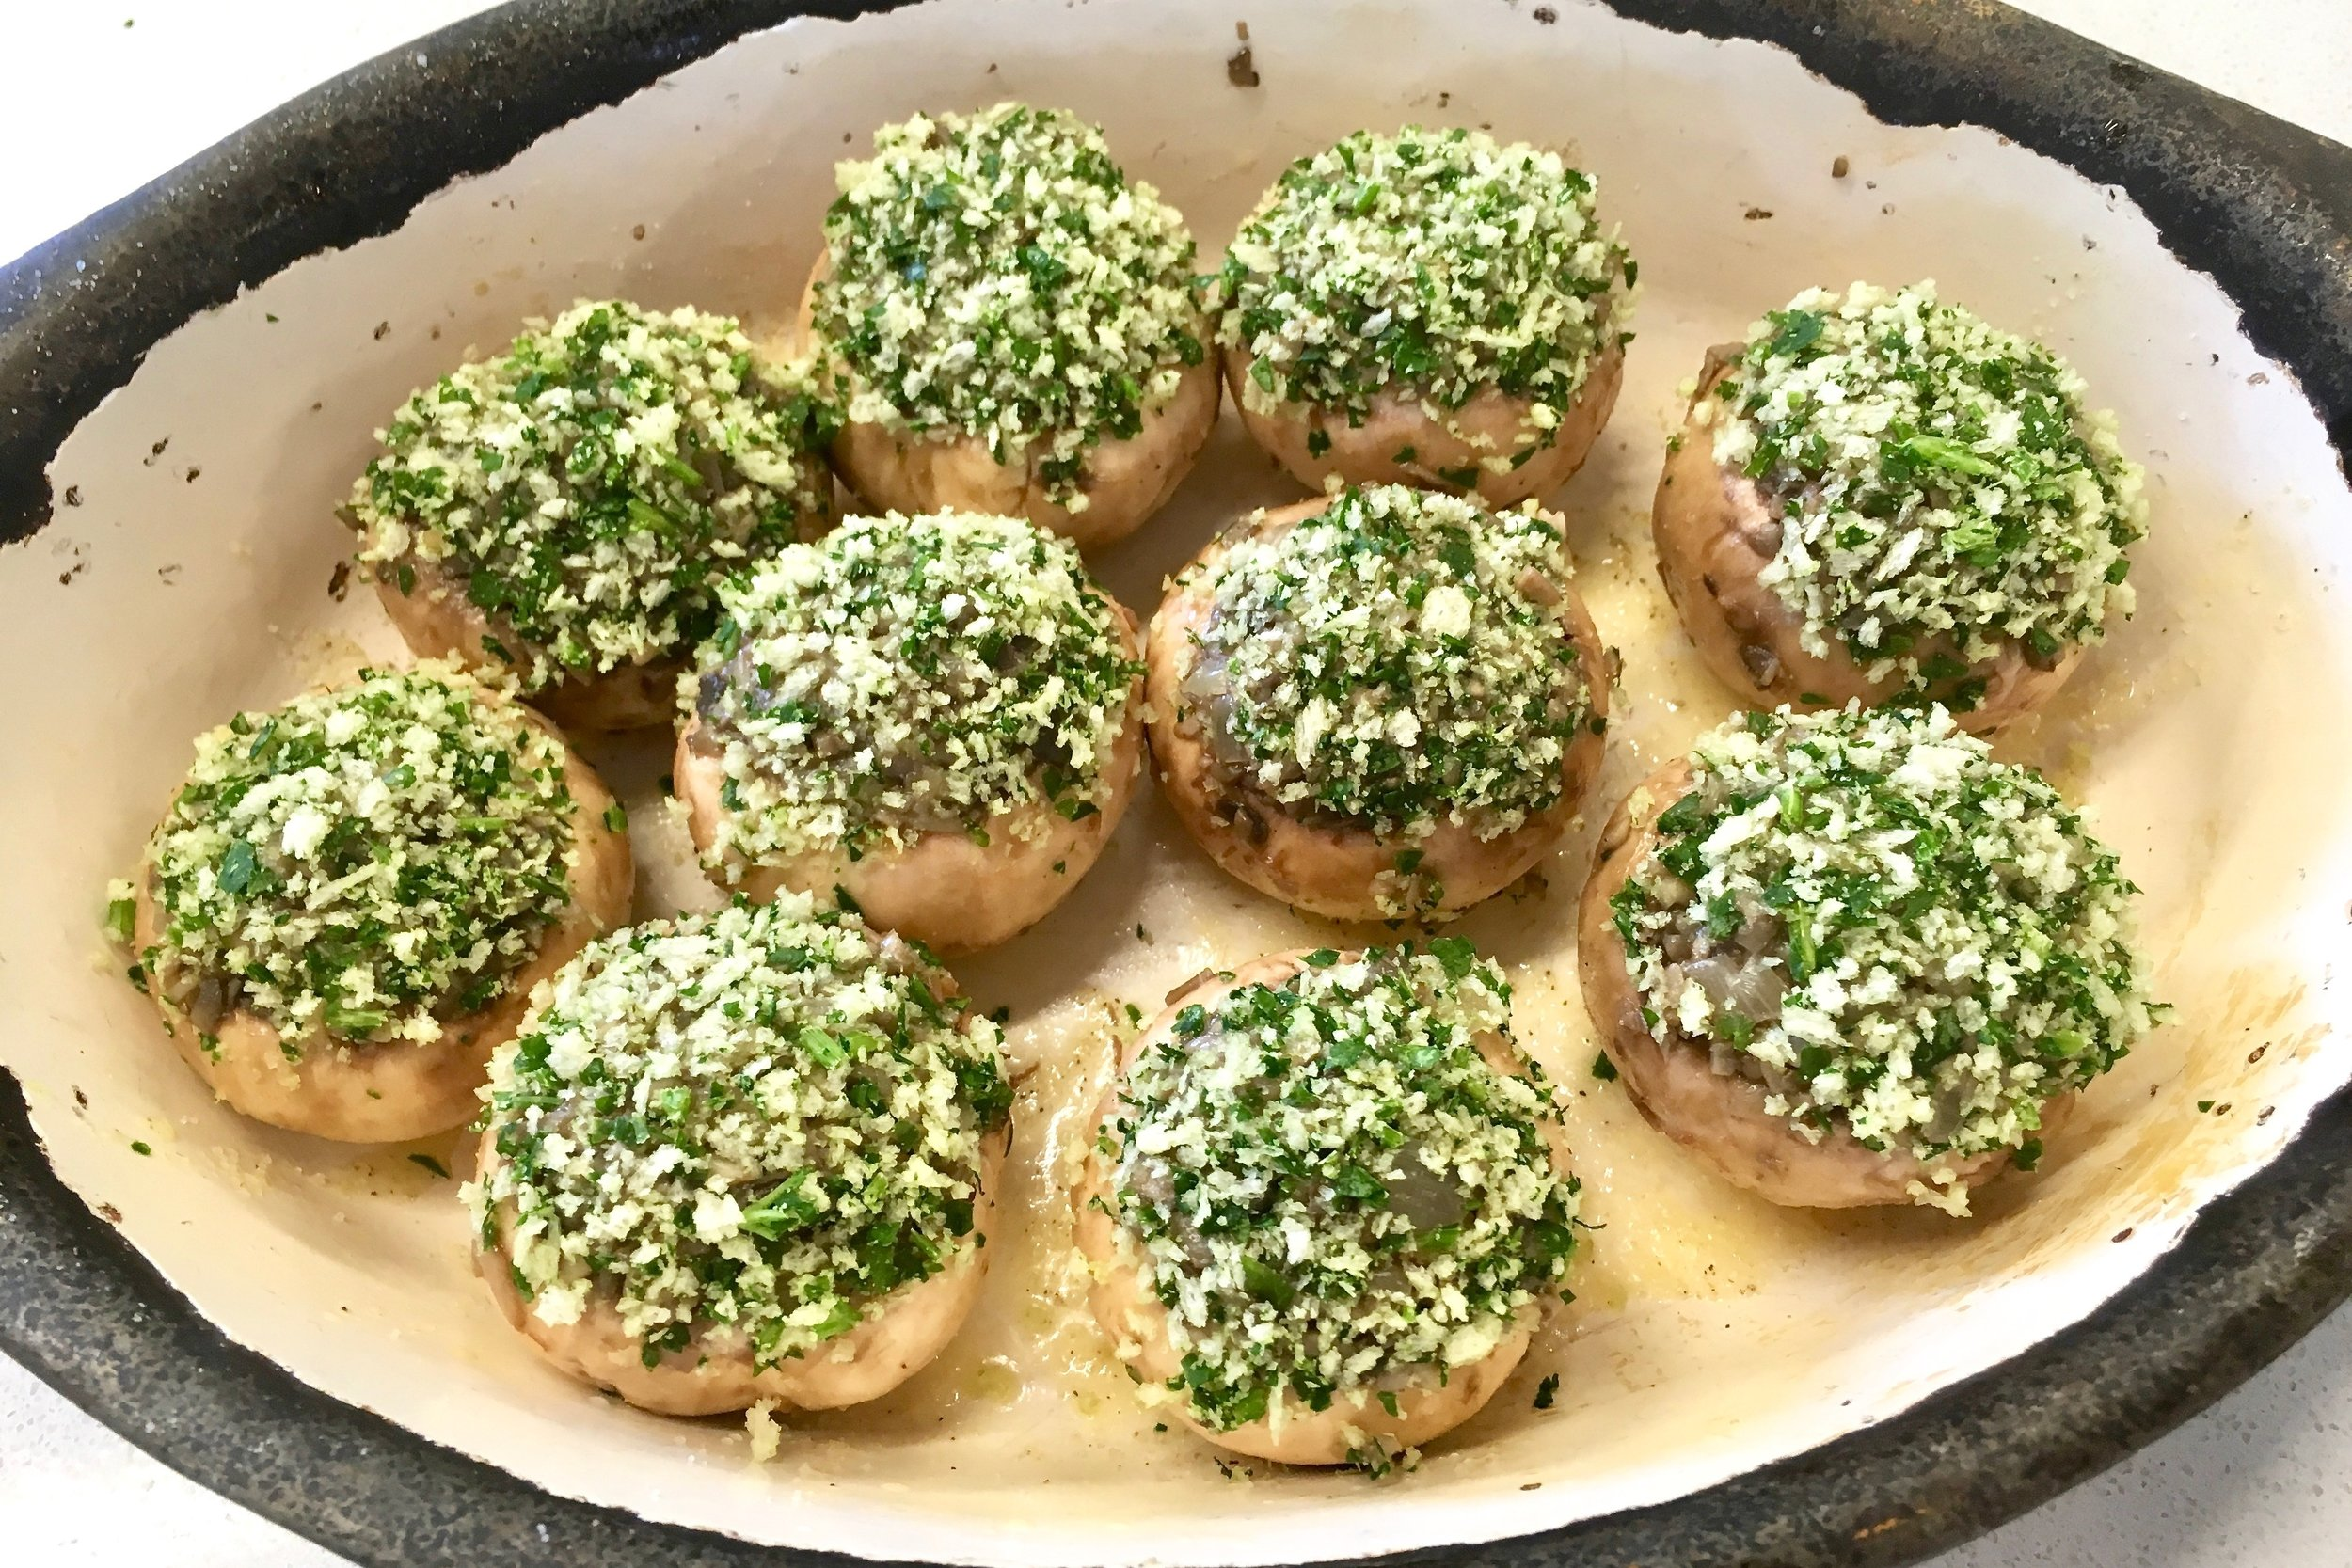 Stuffed Paris mushrooms